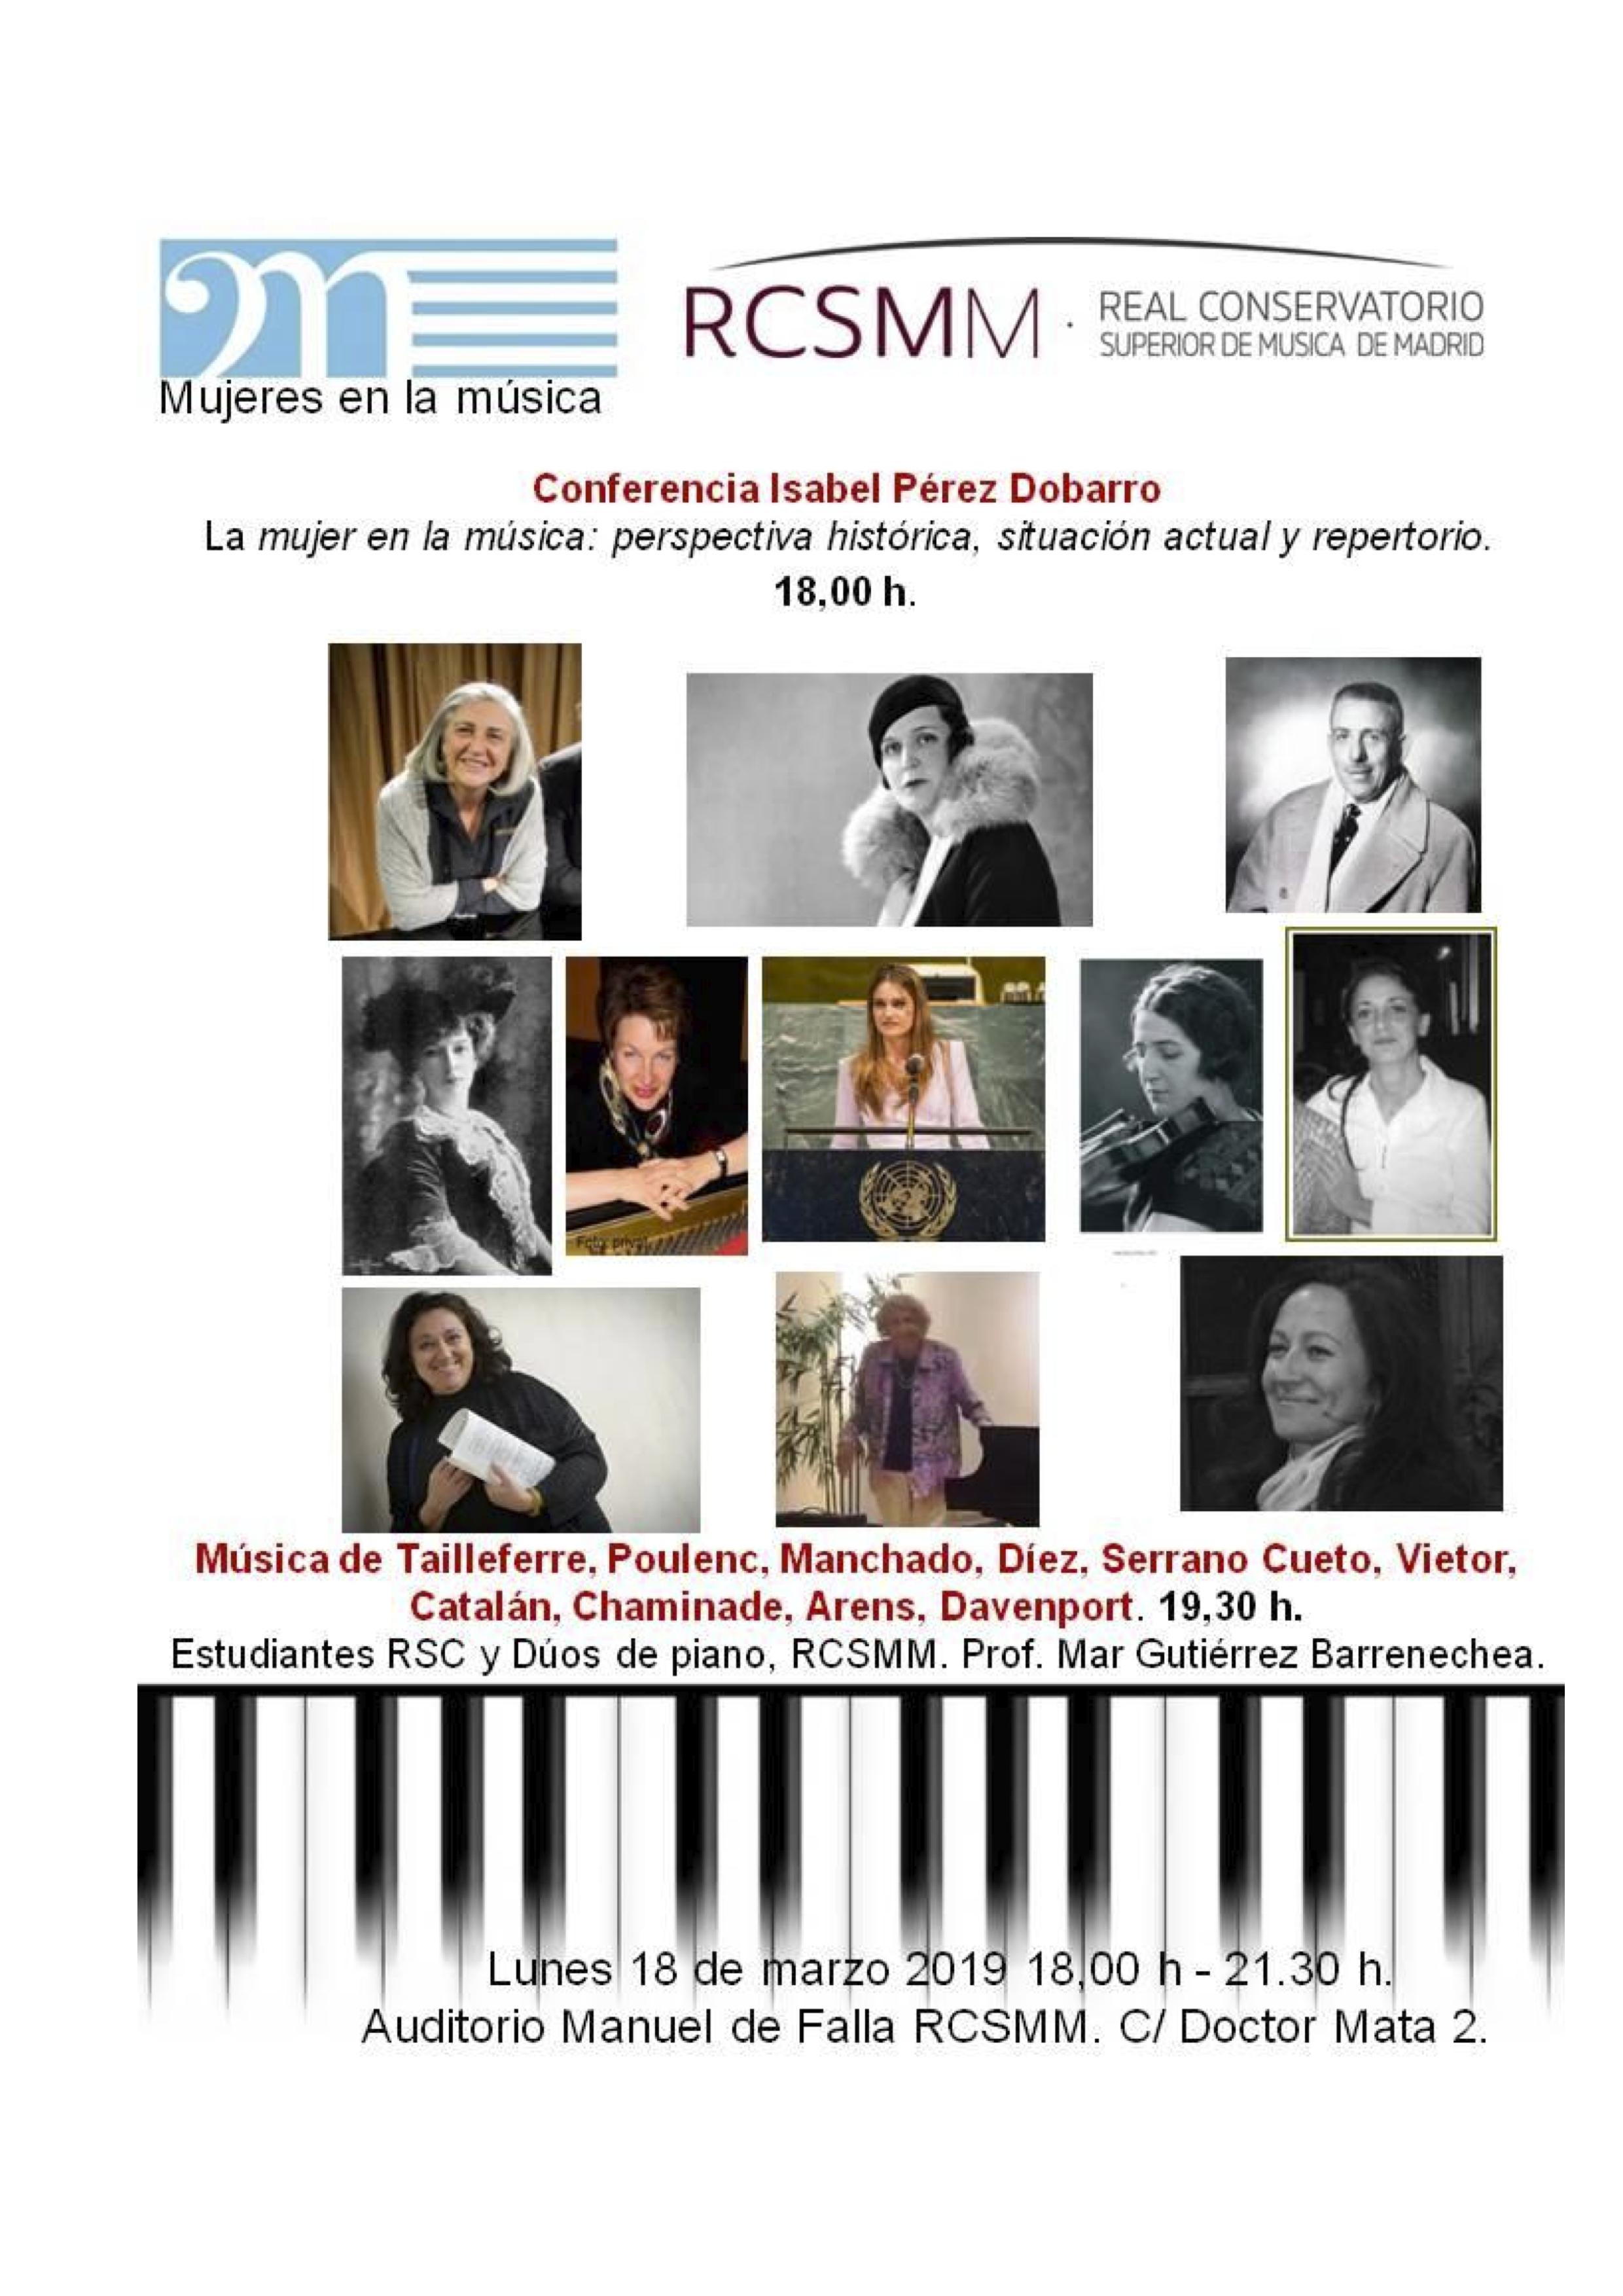 #VMujeresenlasaulas: RCSMM @ Real Conservatorio Superior de Música de Madrid | Madrid | Comunidad de Madrid | España